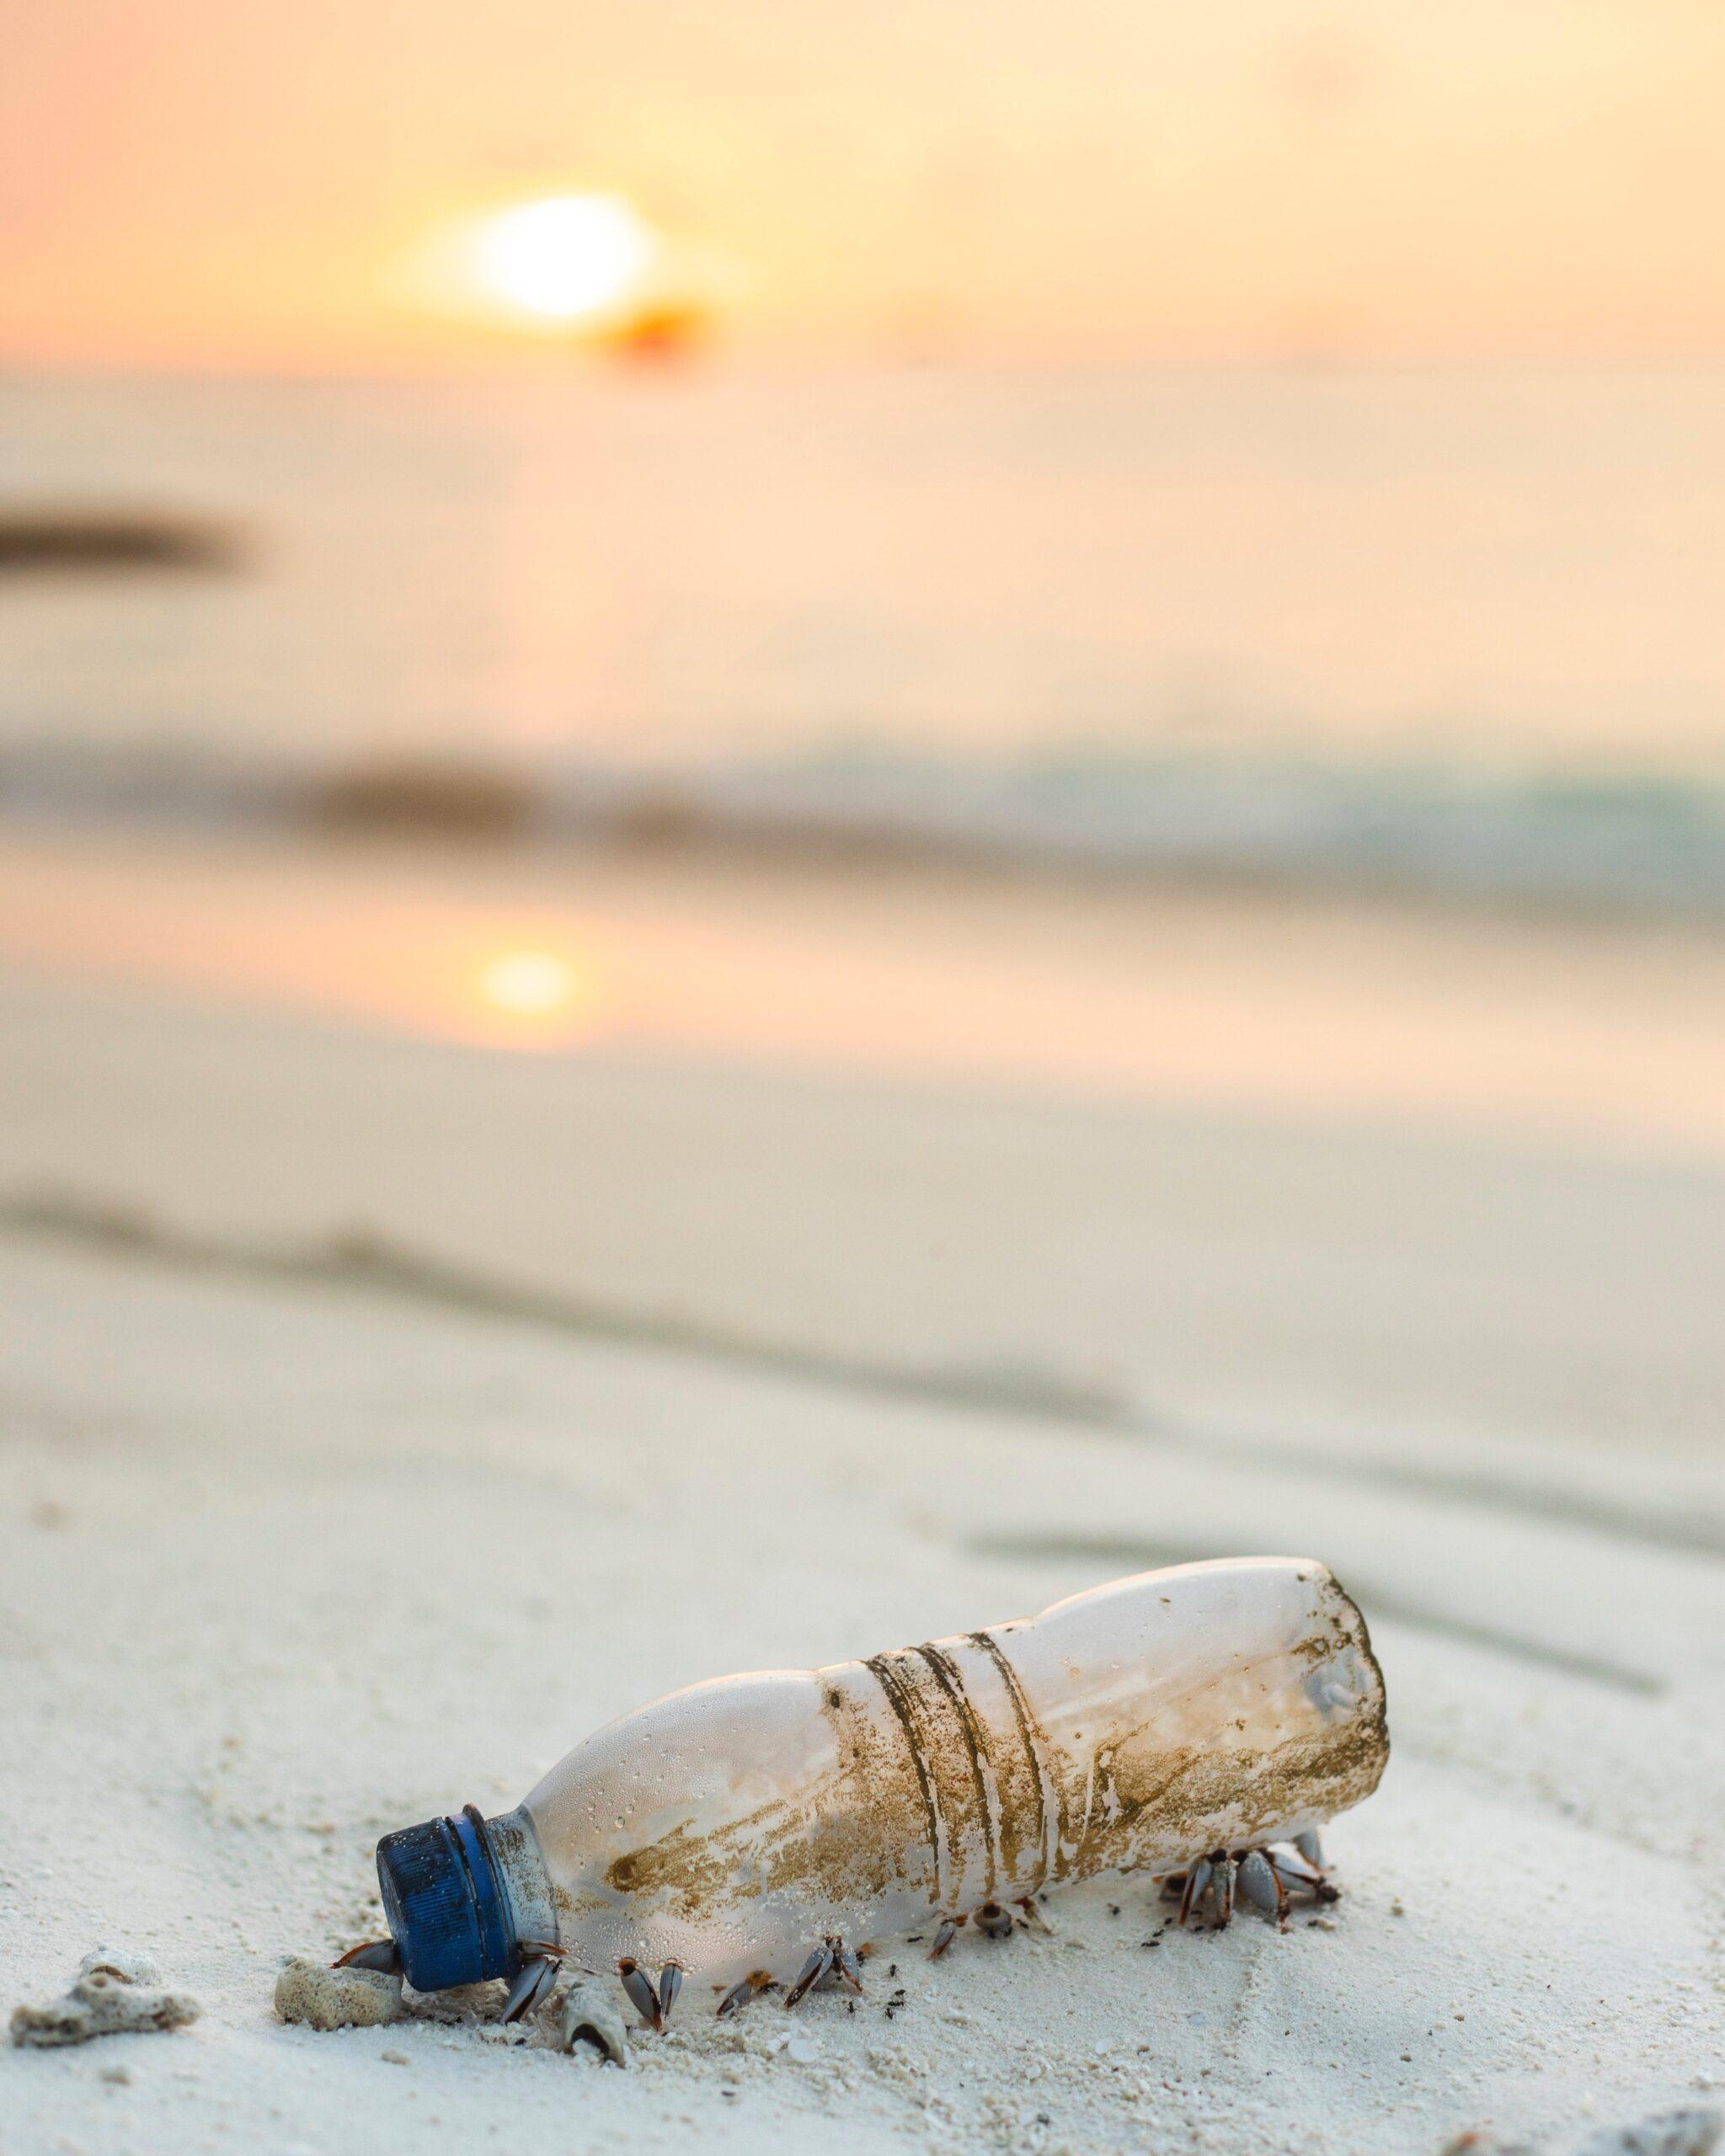 Reduci consumul de plastic